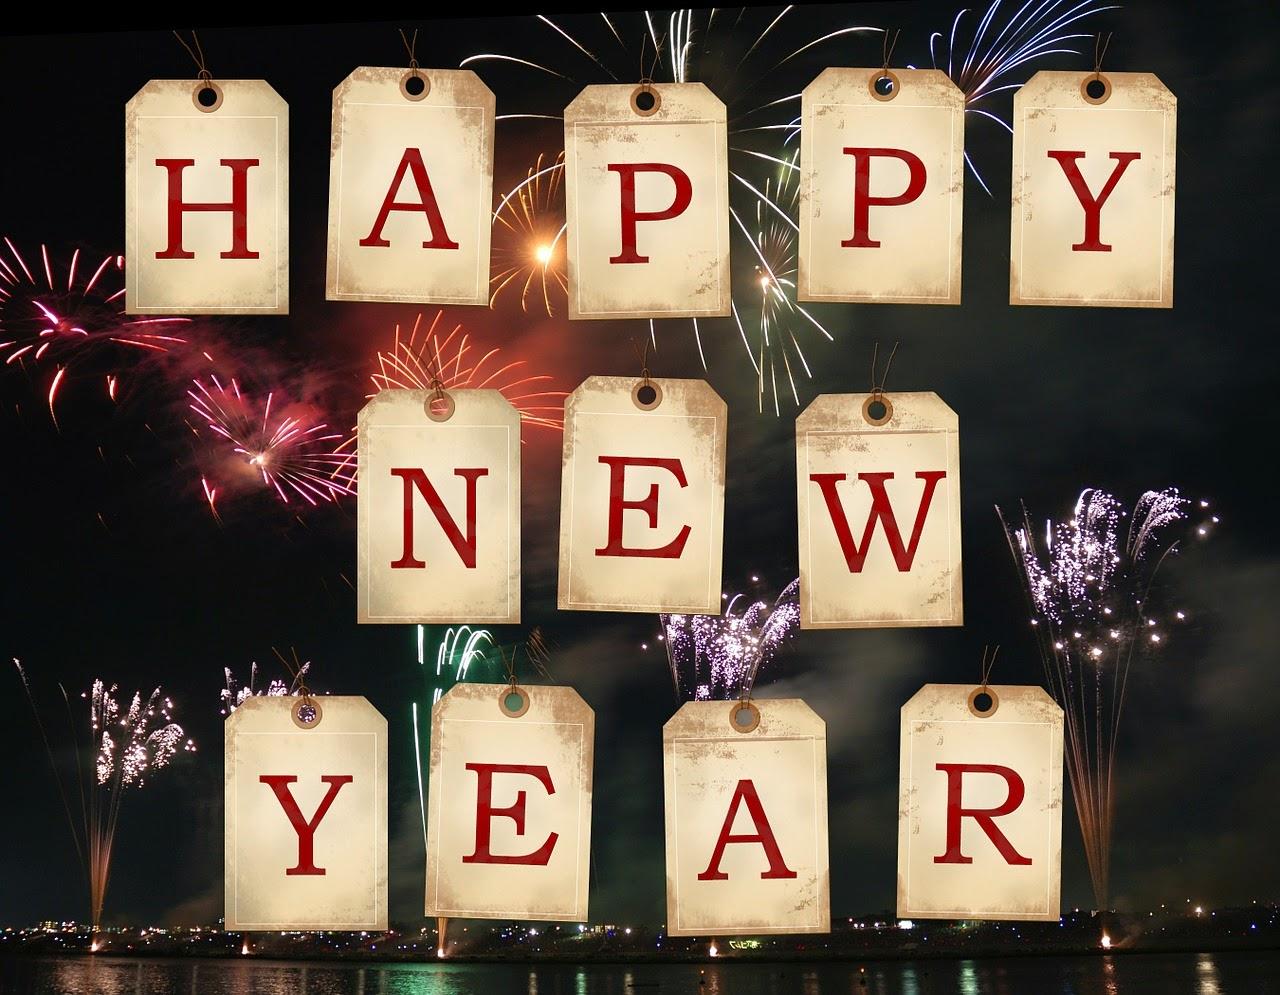 año nuevo estado de Facebook